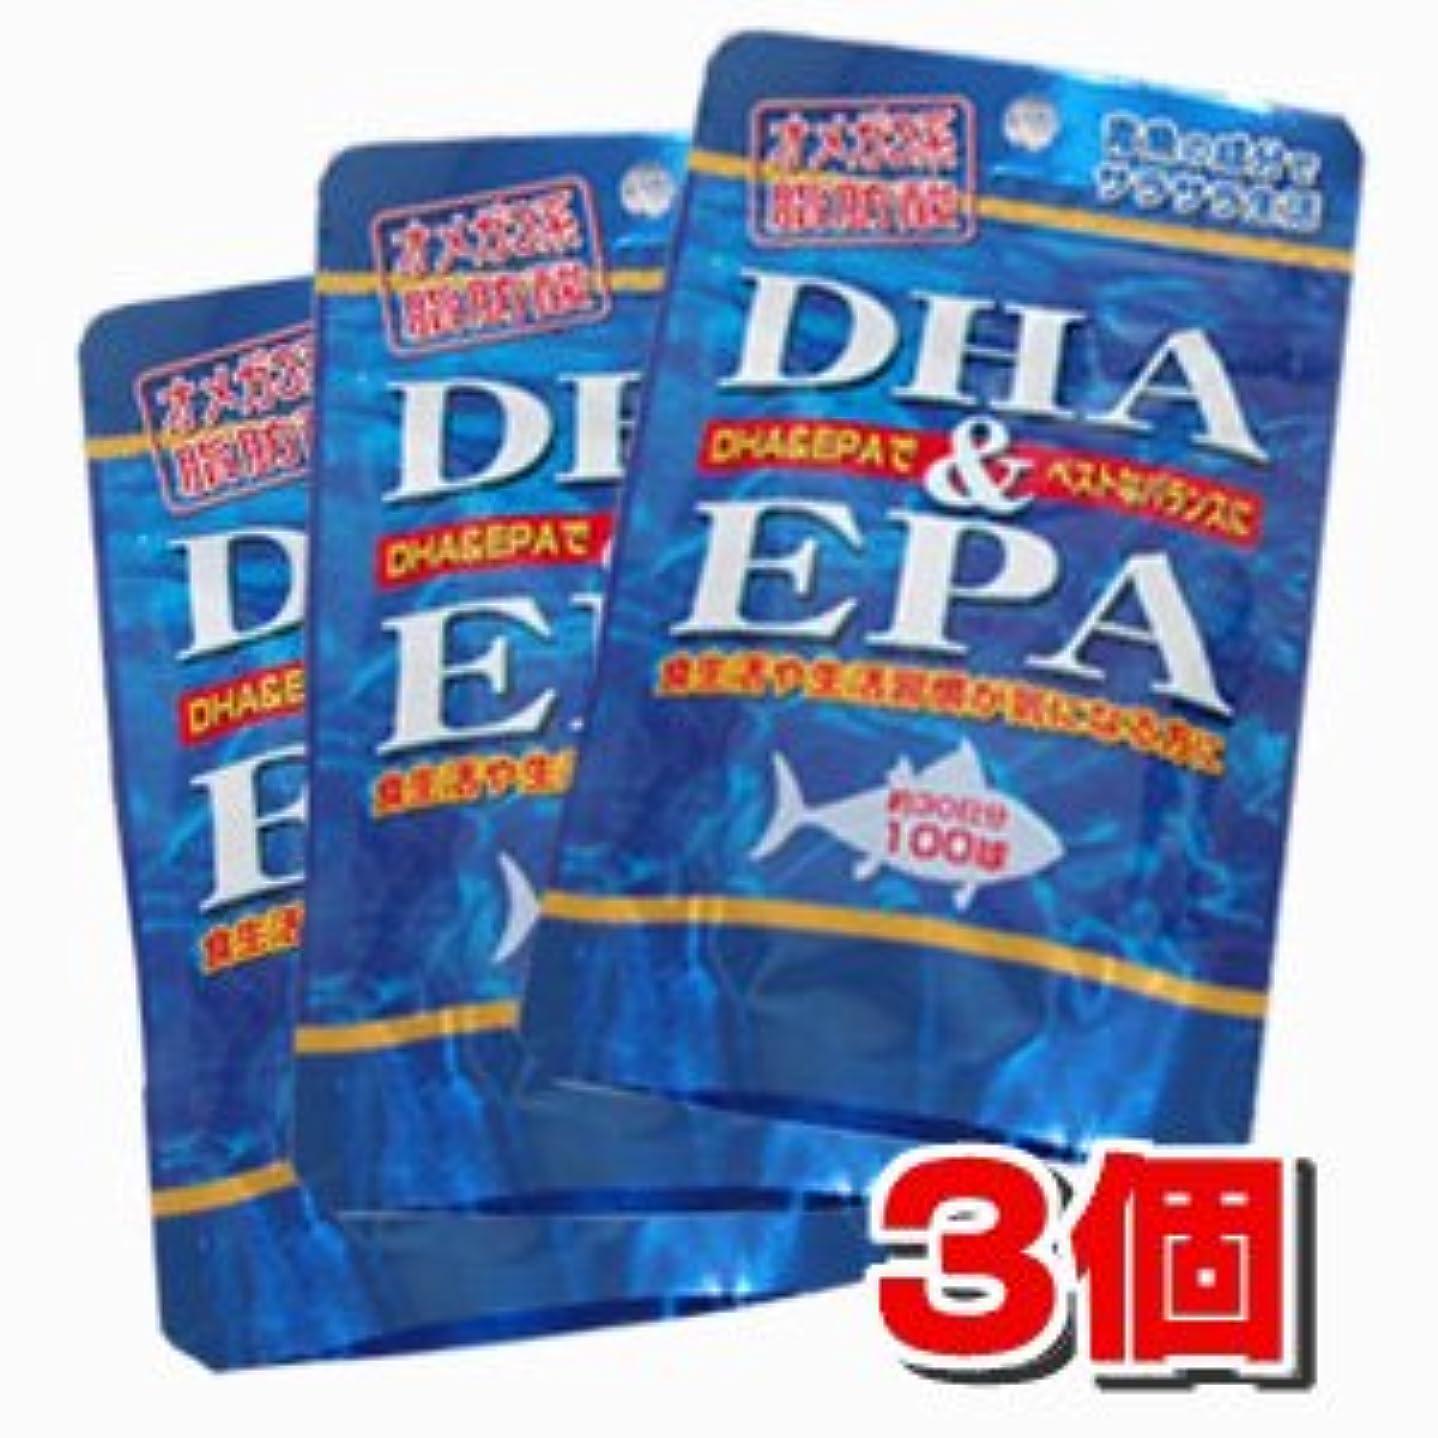 パーティションライセンス放出DHA(ドコサヘキサエン酸)&EPA(エイコサペンタエン酸)